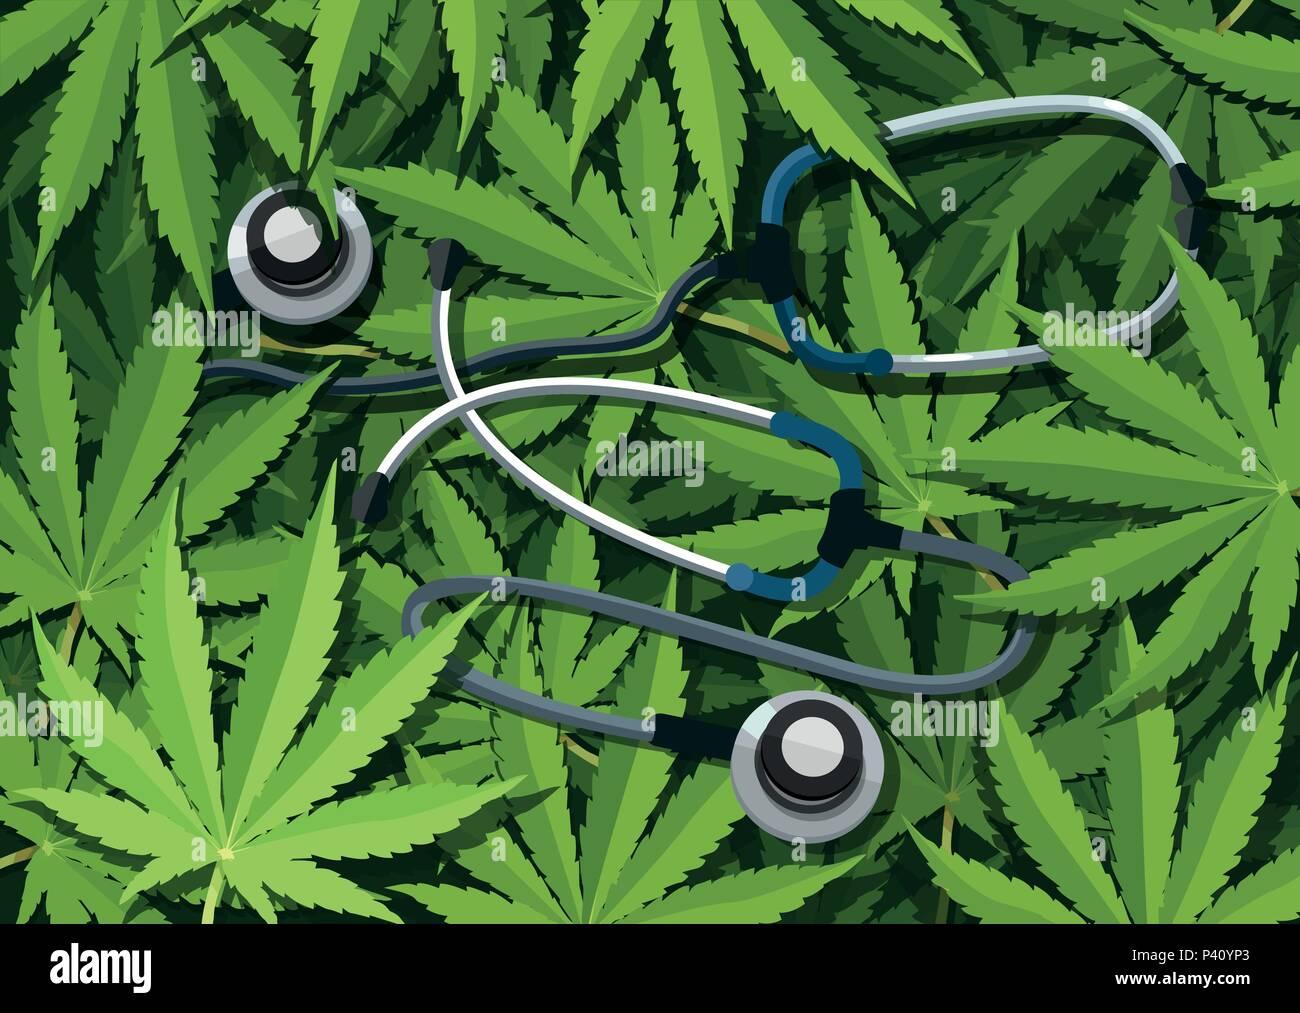 La marijuana uso medico e sanitario concetto. La medicina tradizionale rispetto ad altre opzioni con la cannabis Immagini Stock